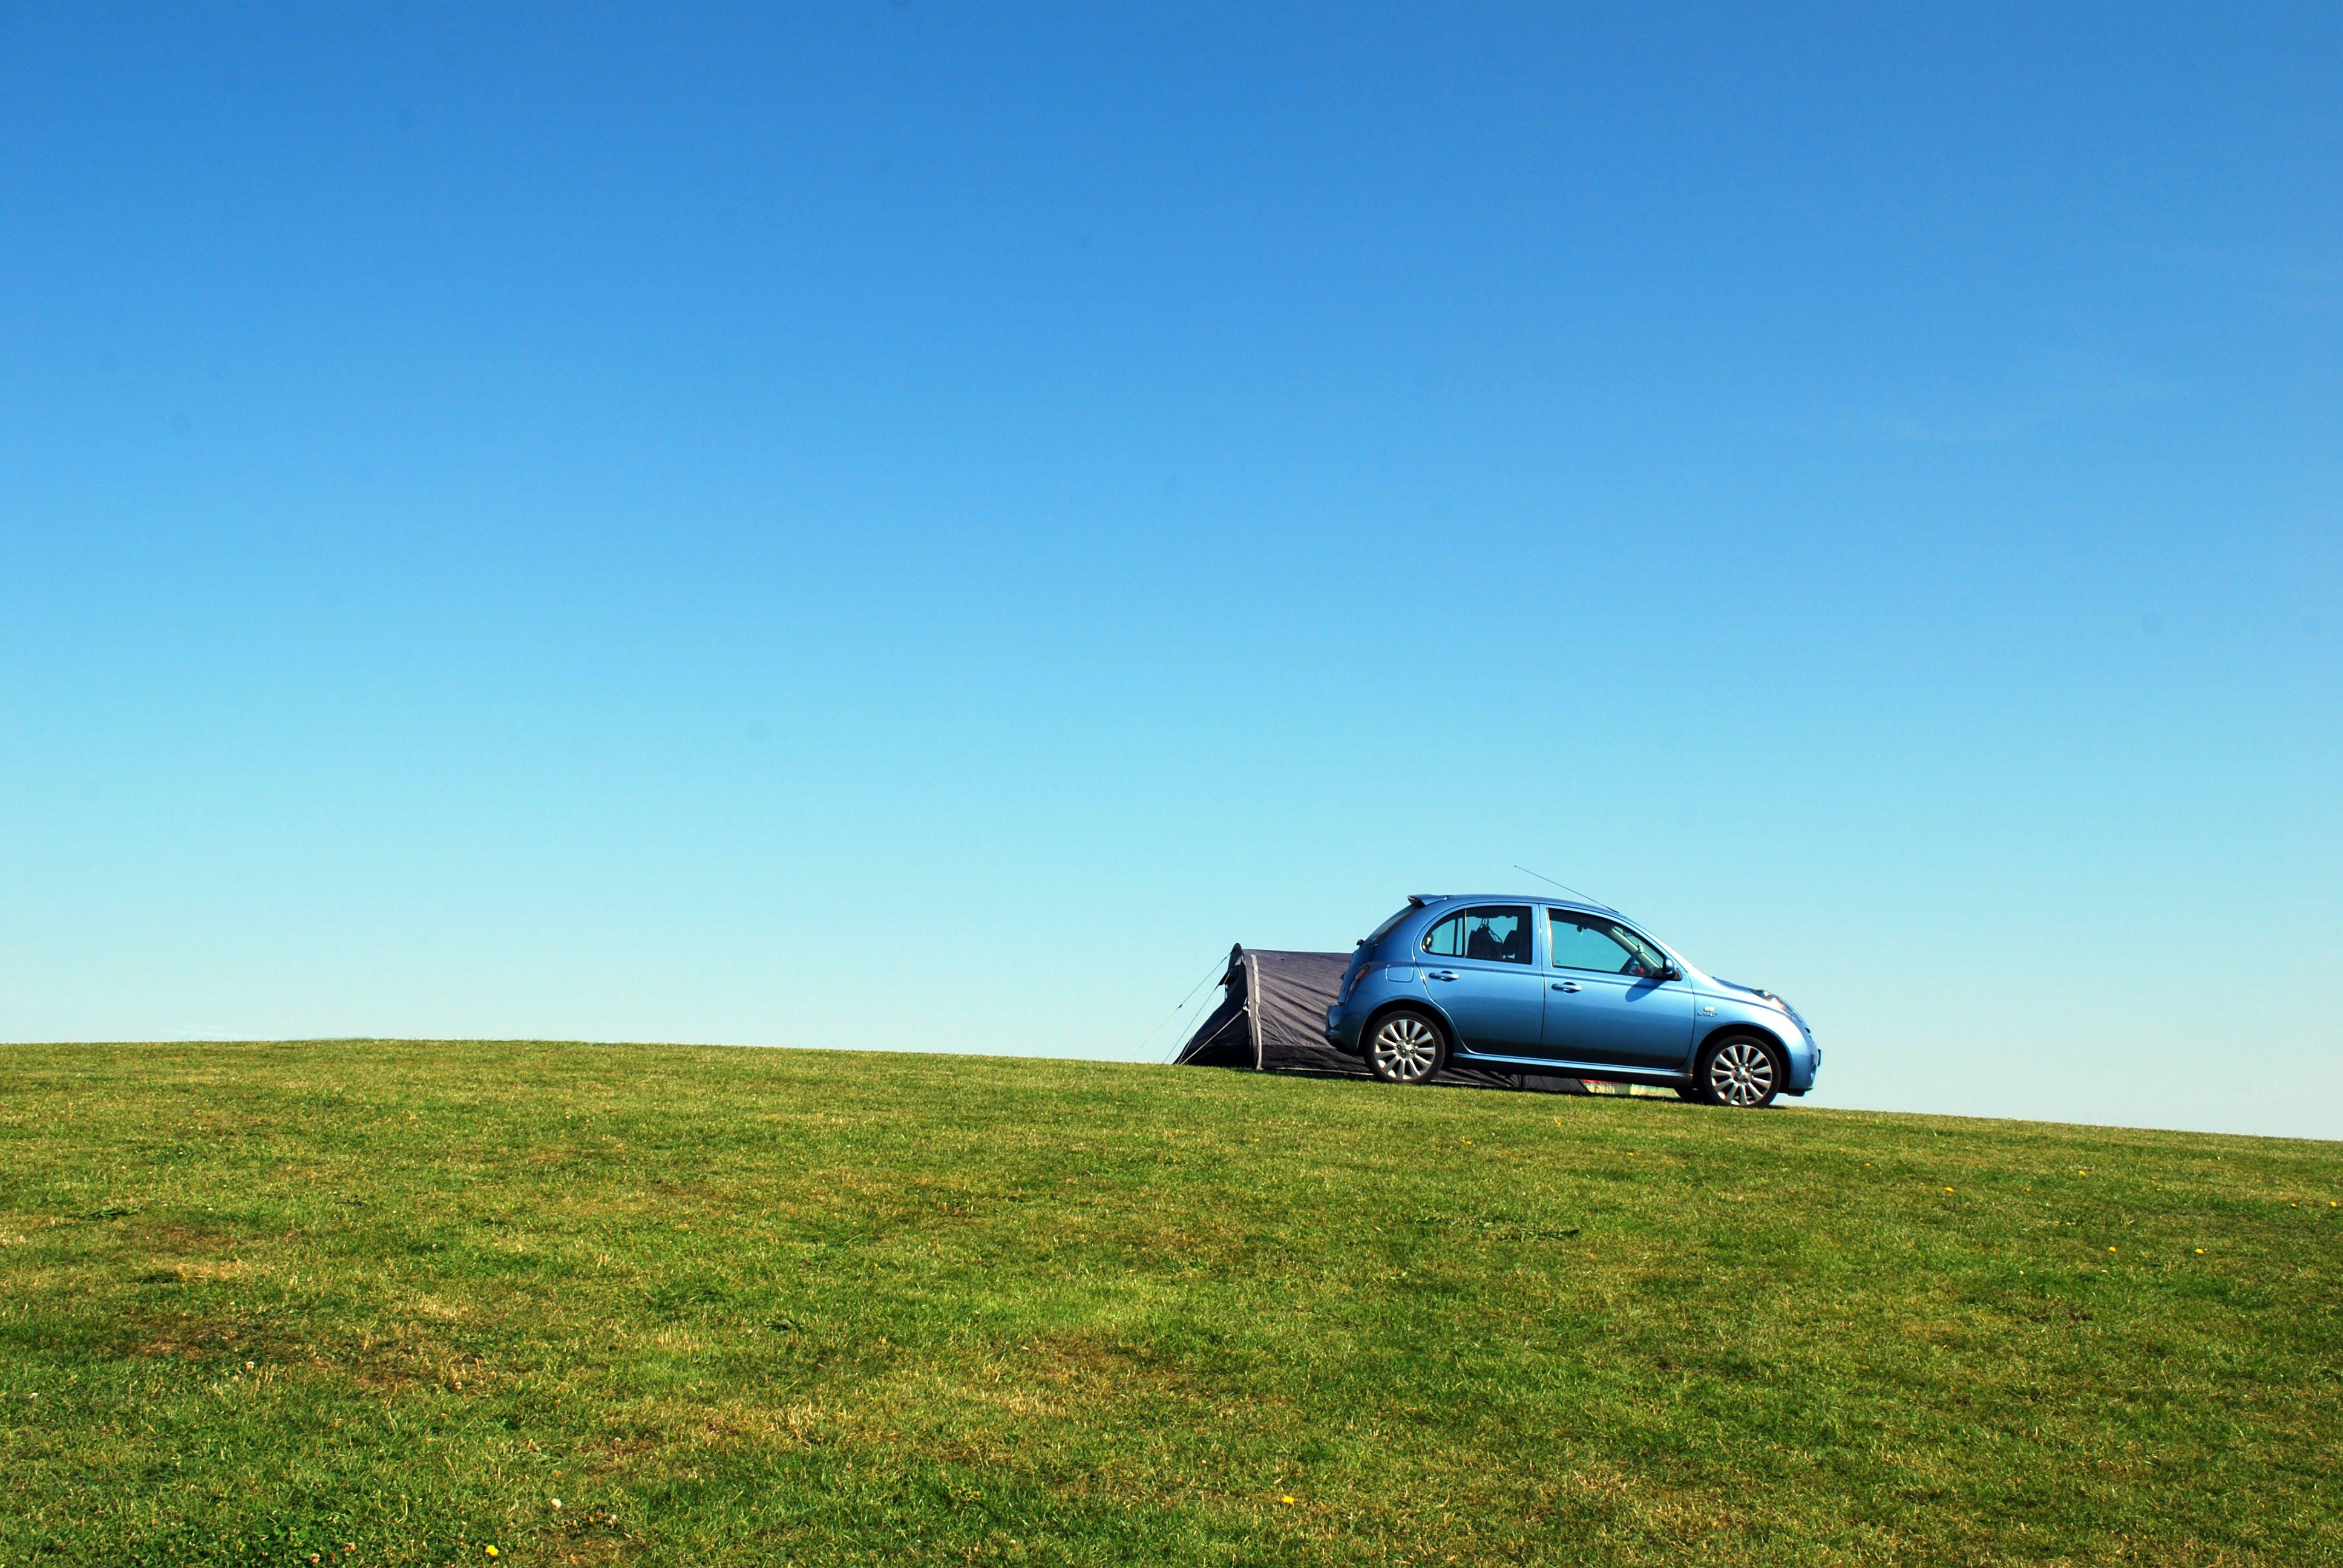 山丘, 帳篷, 汽車, 田 的